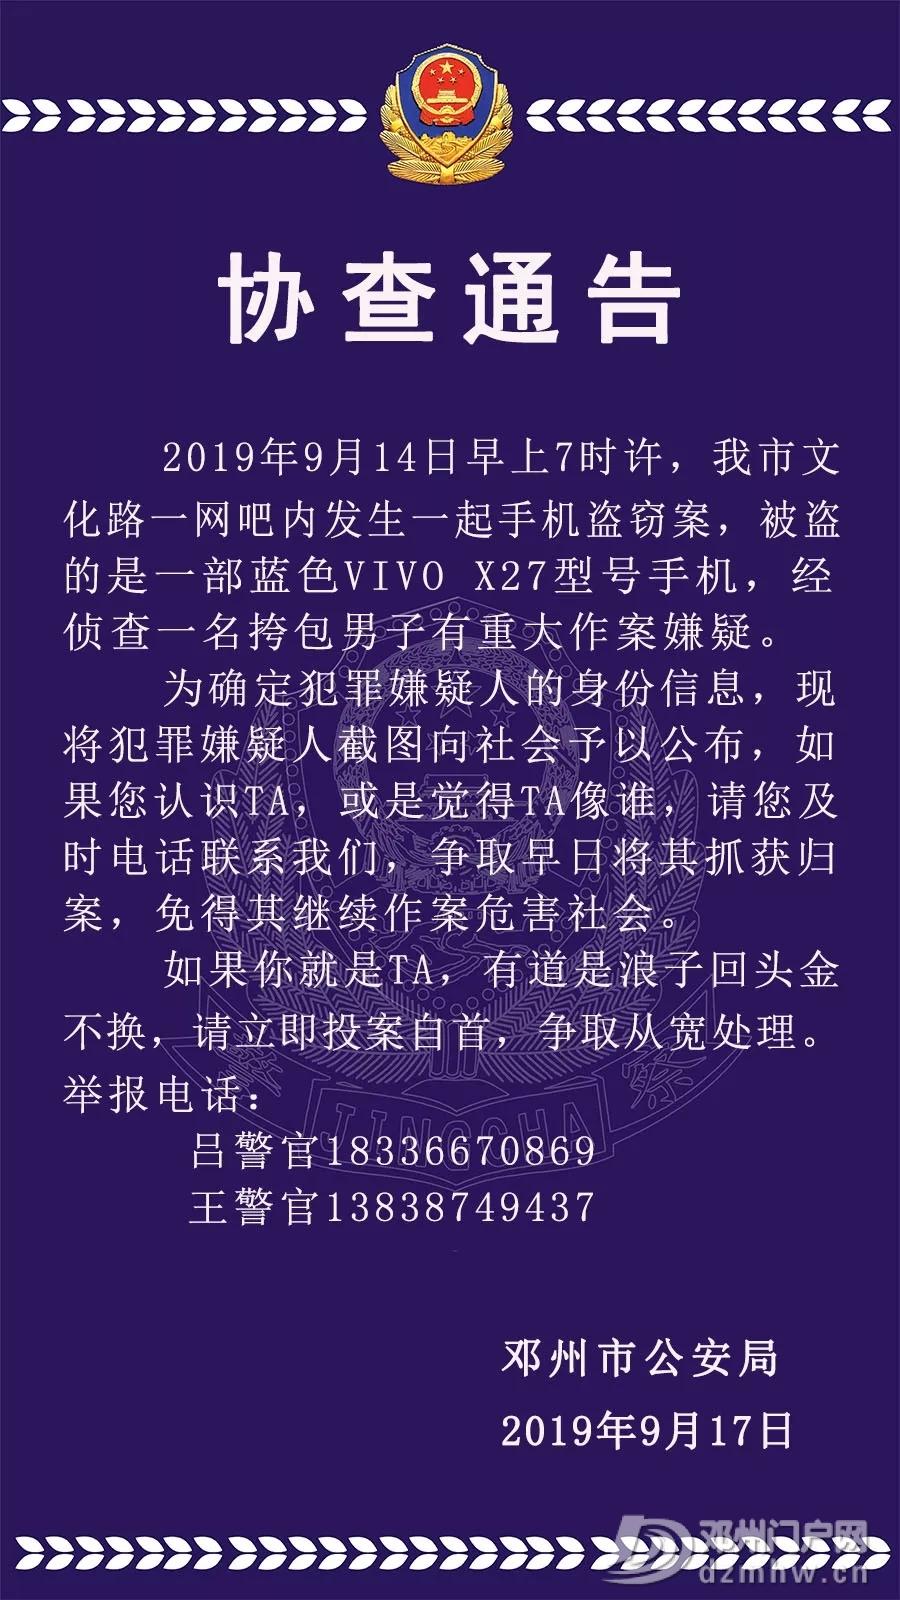 邓州市公安局「协查通告」 - 邓州门户网|邓州网 - 640.webp5.jpg